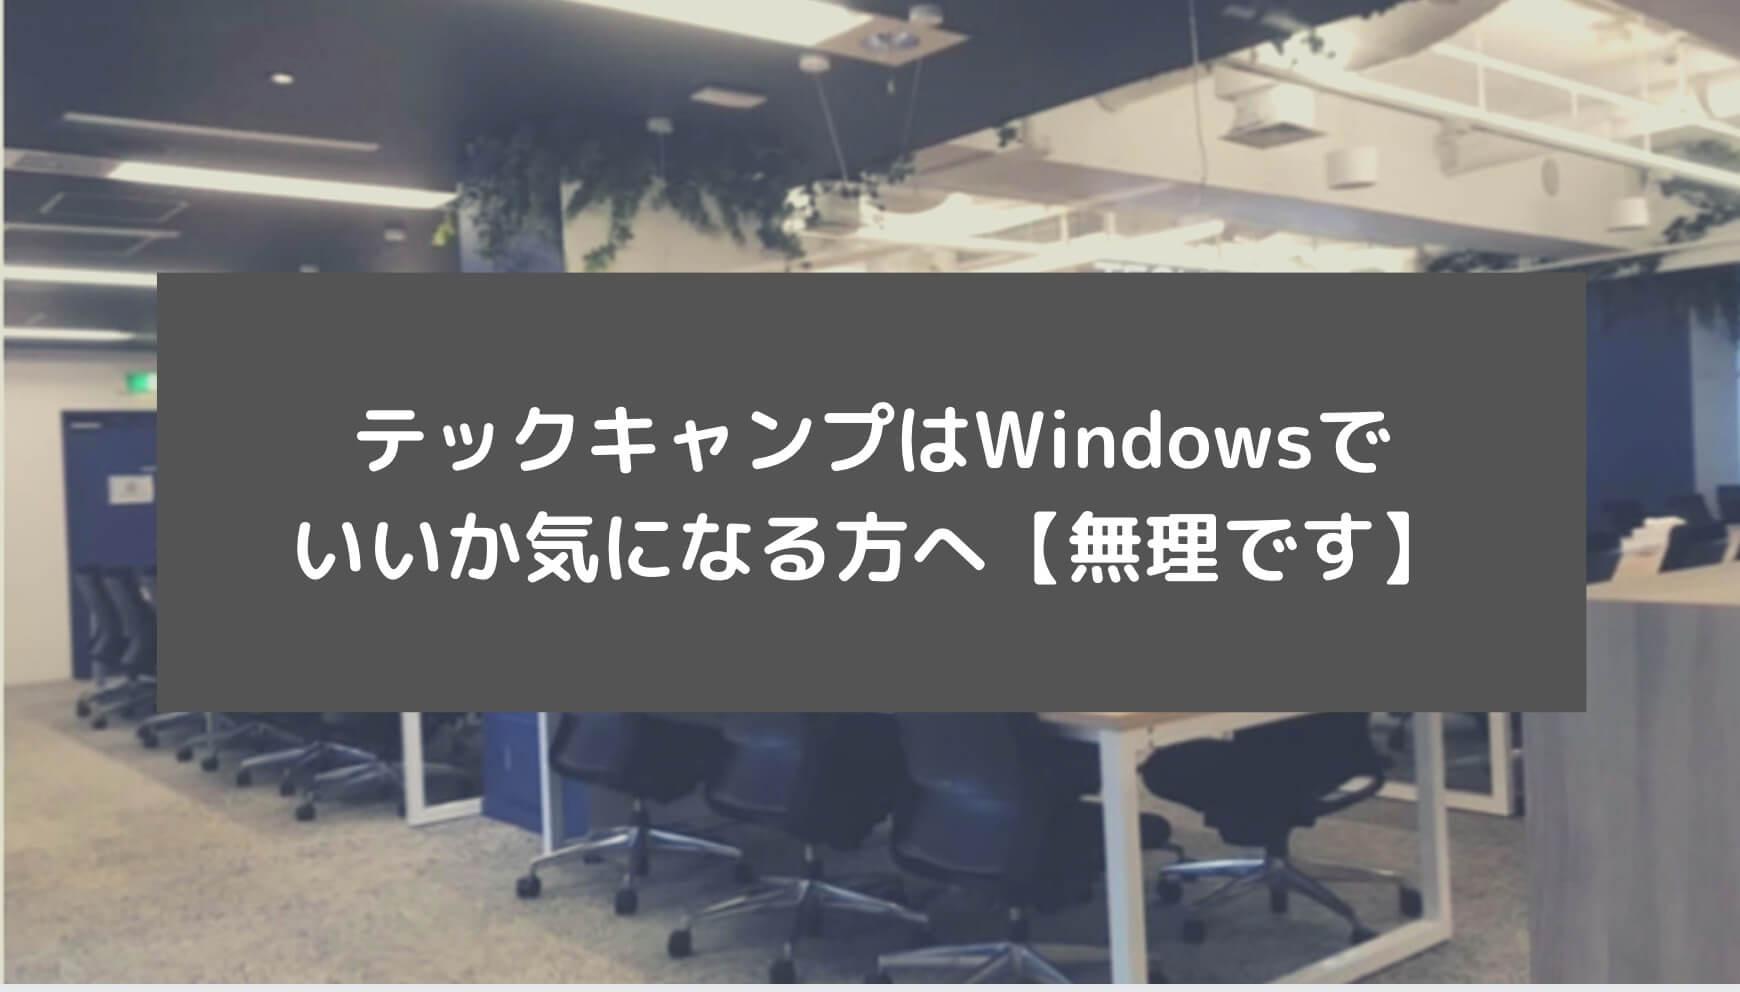 テックキャンプはWindowsでいいか気になる方へ【無理です】と書かれた画像